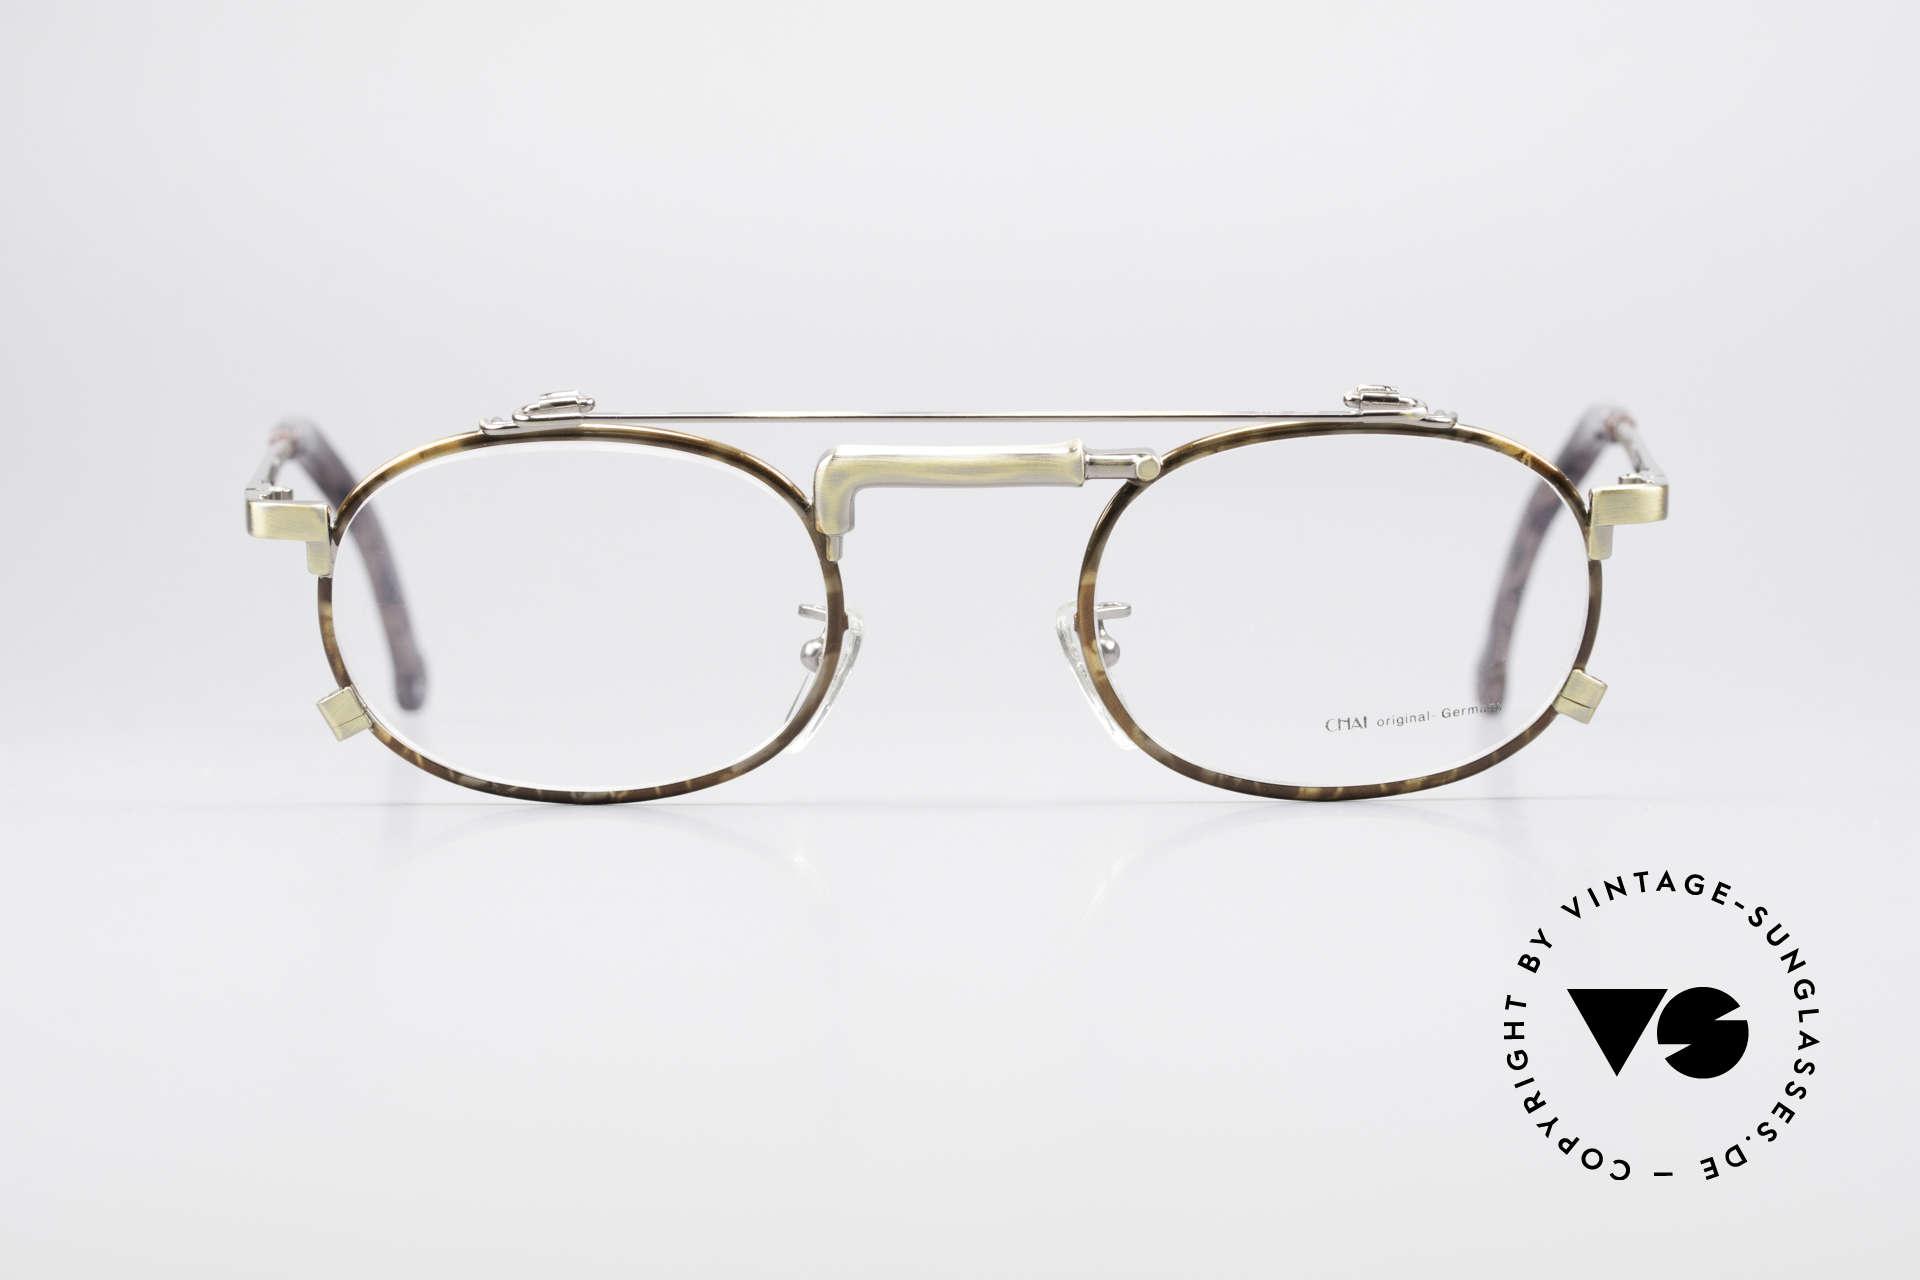 Chai No4 Oval Vintage Brille Industrial 90er, Design der Brücke erinnert an einen Wasserhahn, Passend für Herren und Damen